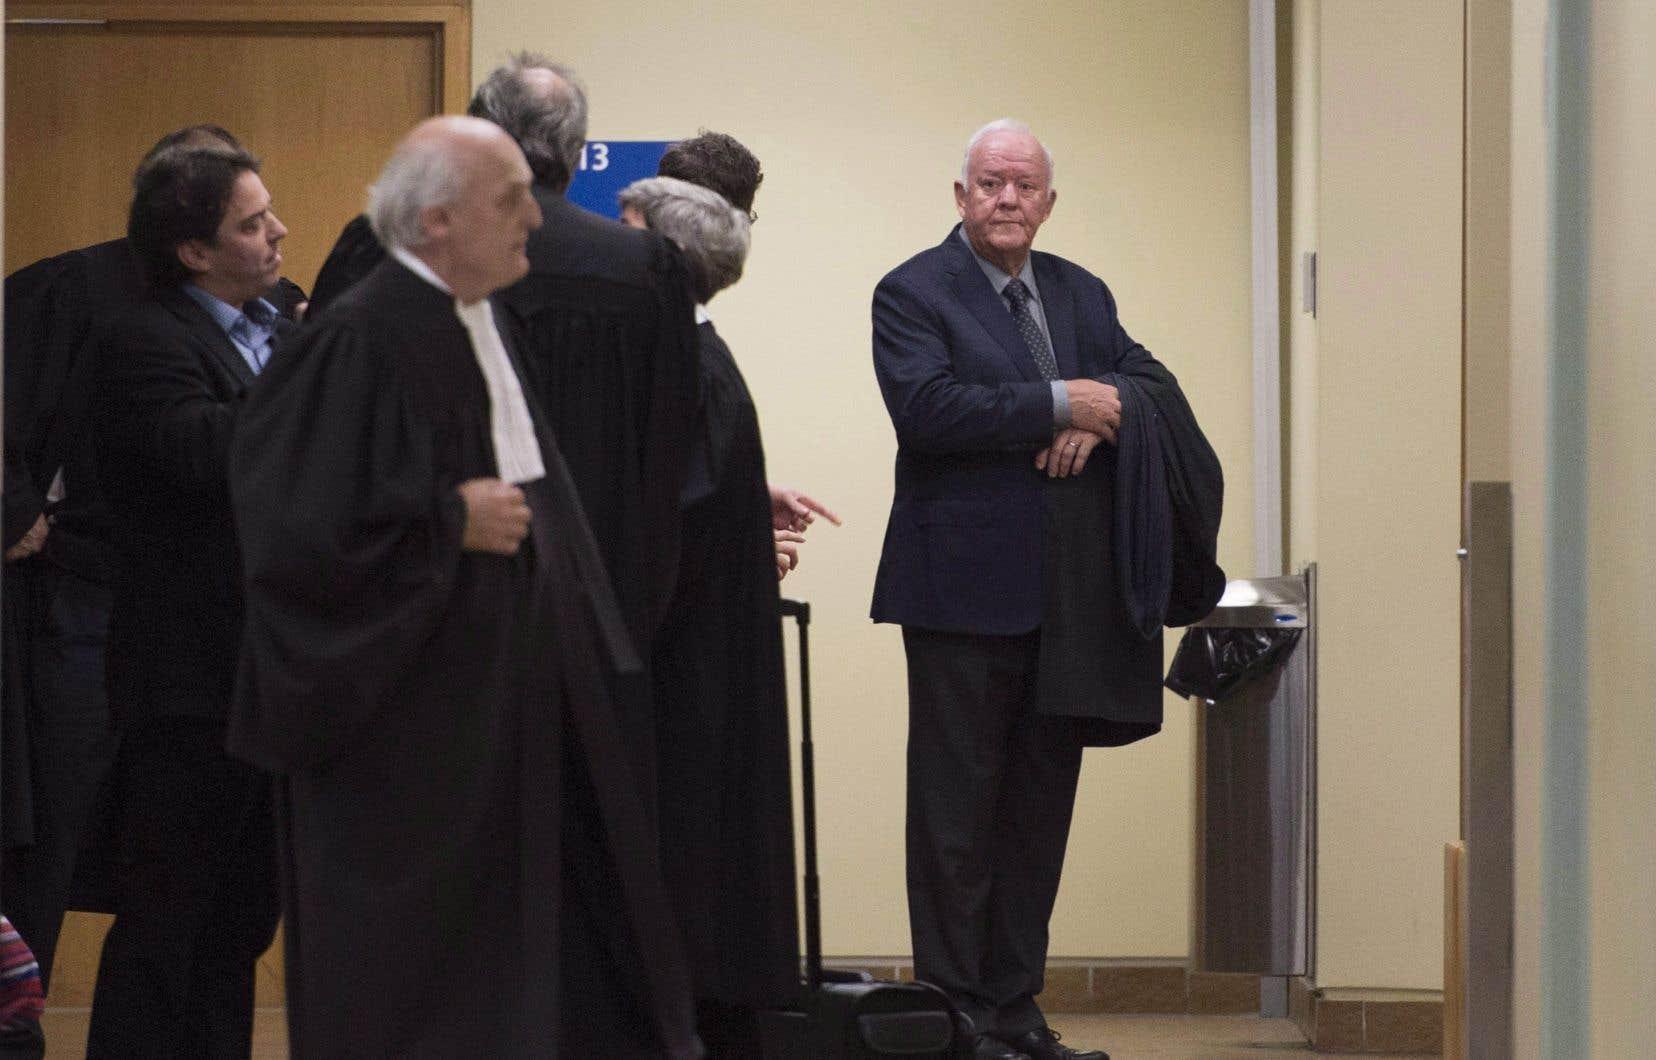 Marc-Yvan Côté (sur notre photo), Nathalie Normandeau et leurs cinq coaccusés ont été arrêtés en mars 2016.